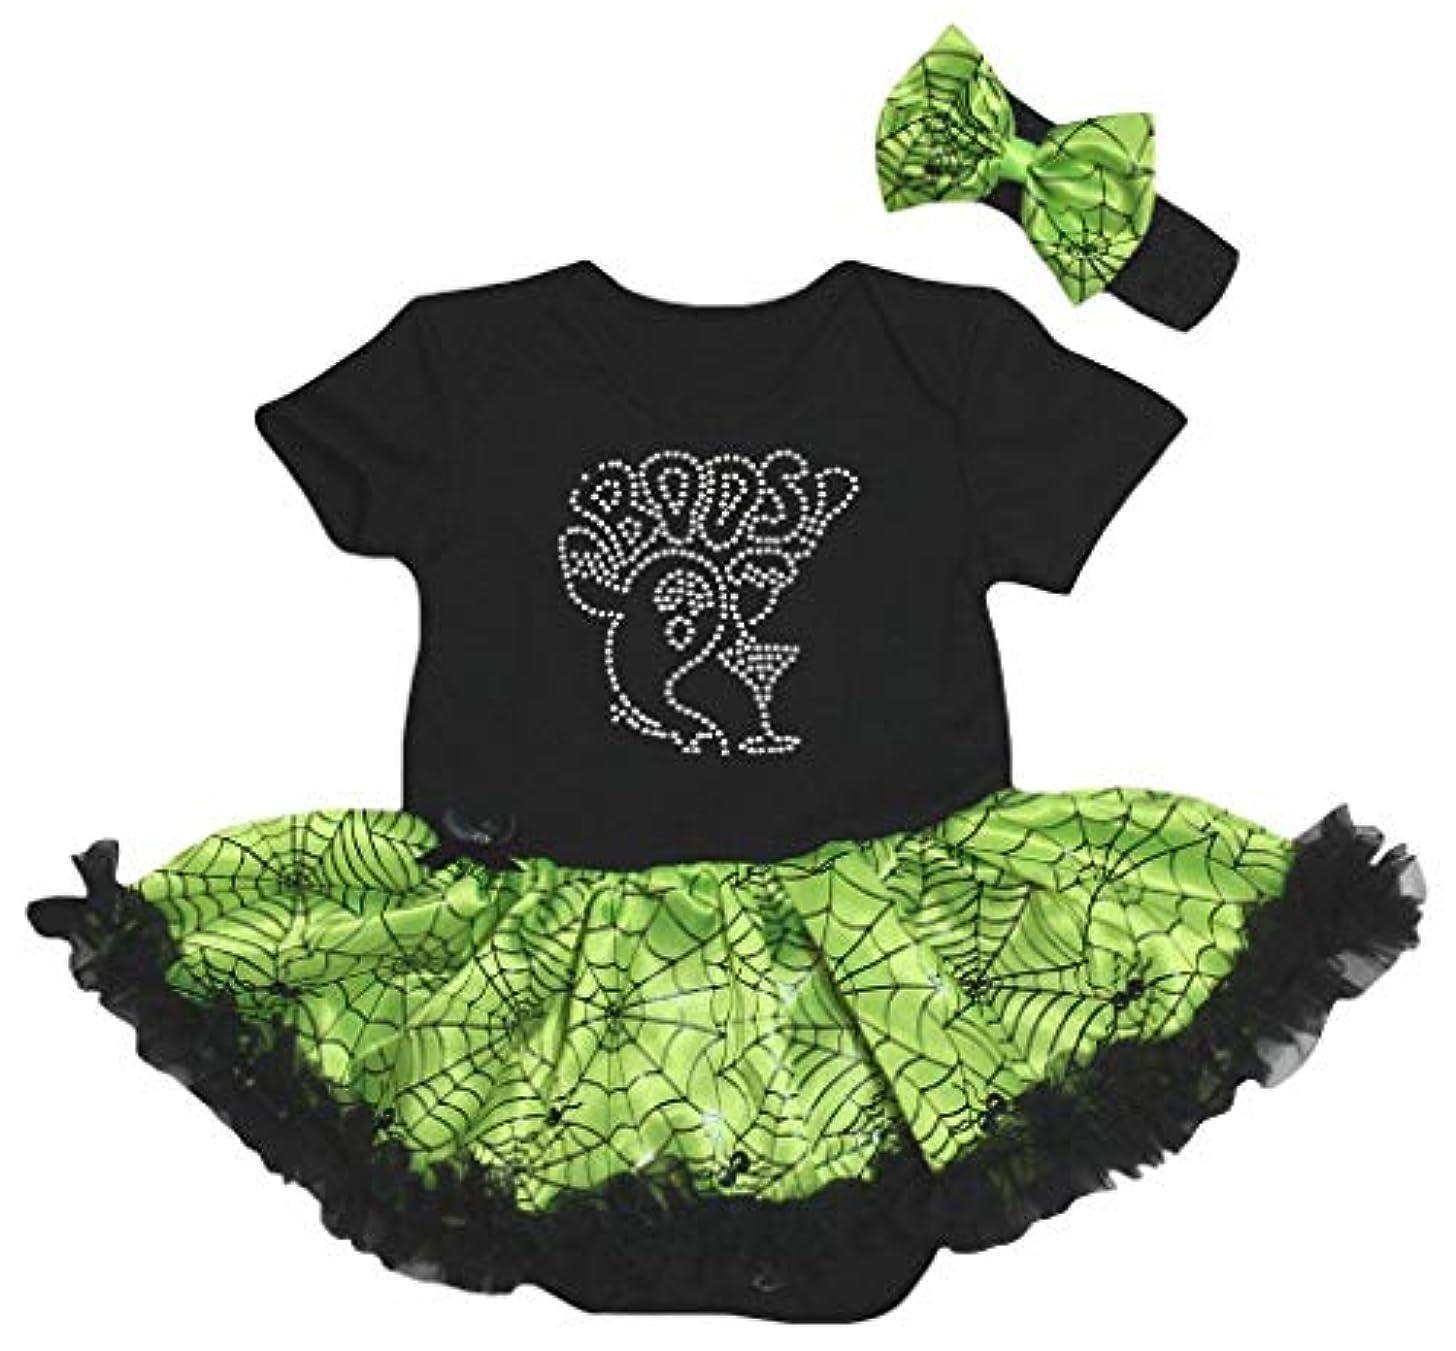 [キッズコーナー] ハロウィン Boos! ゴースト ブラック グリーン コブウェブ 子供ボディスーツ、子供のチュチュ、ベビー服、女の子のワンピースドレス Nb-18m (ブラック, Medium) [並行輸入品]